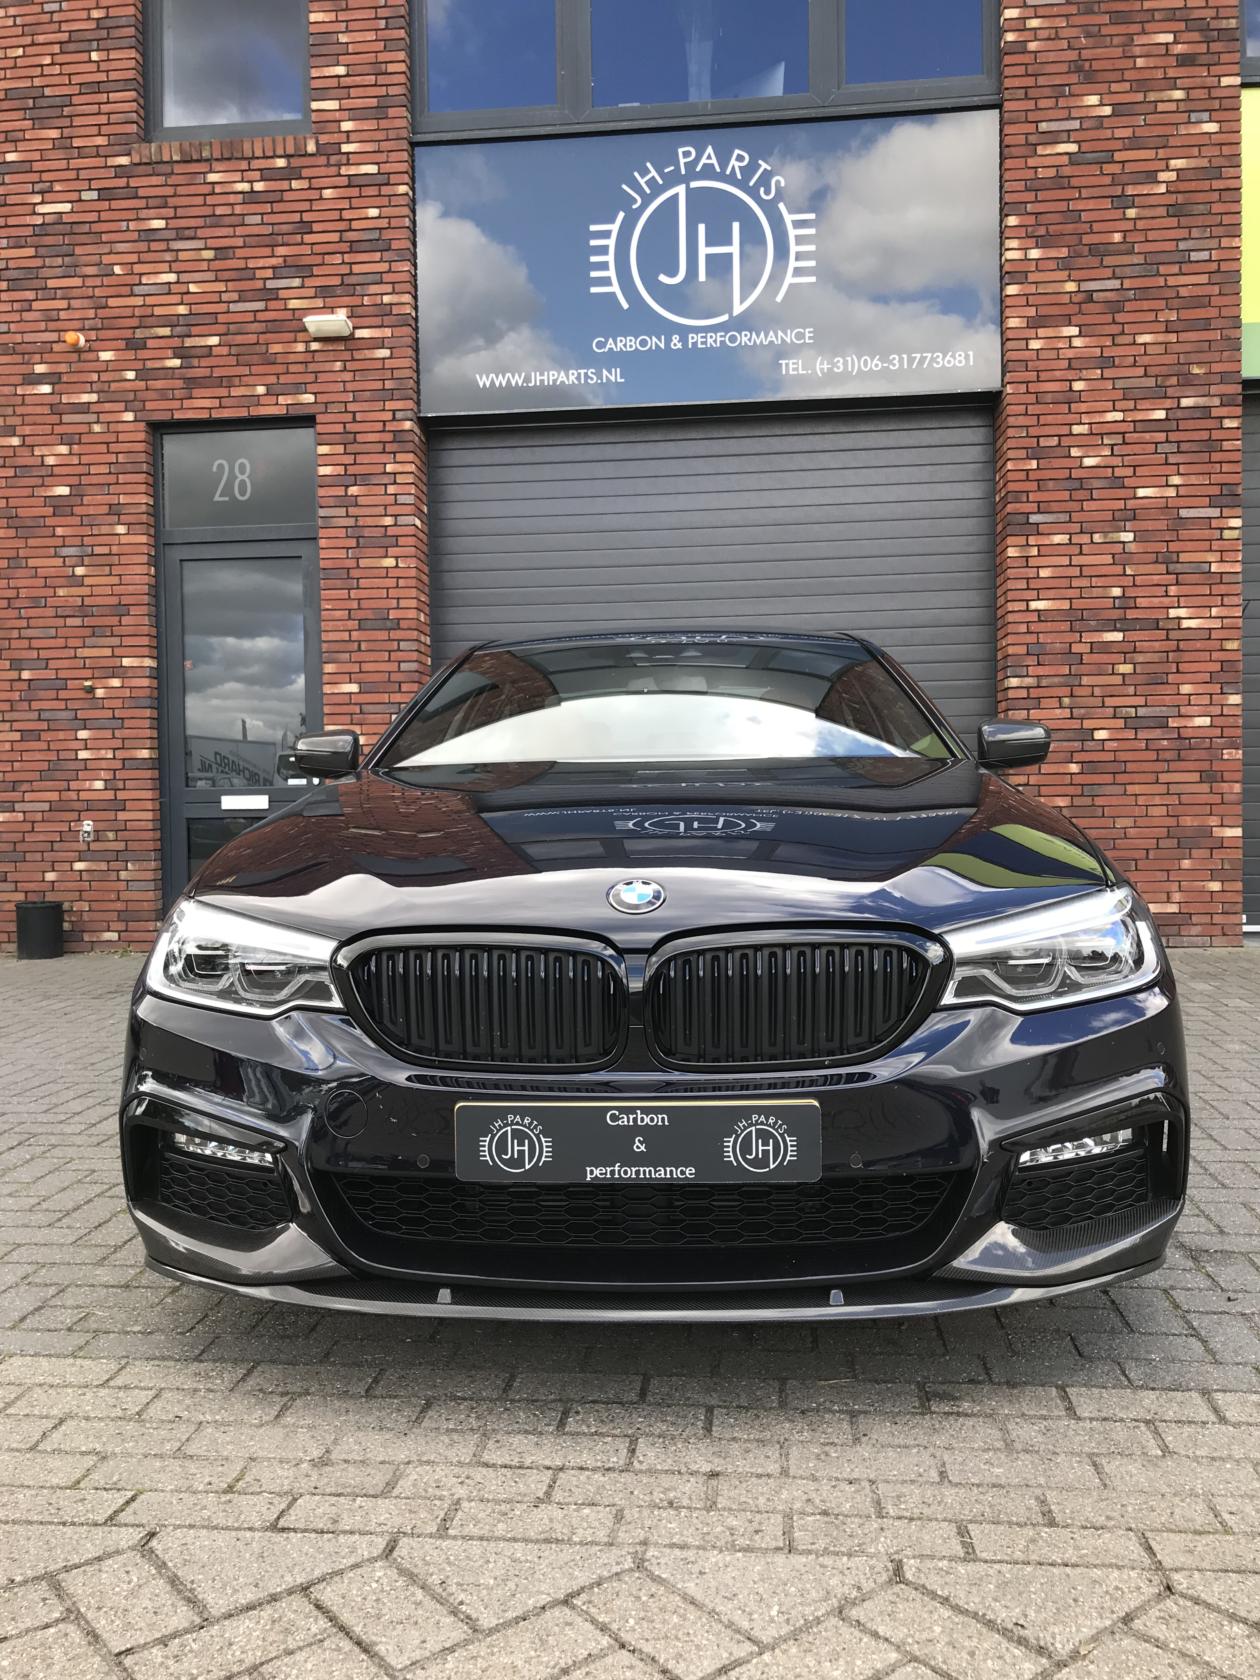 BMW G30 G31 5 Serie carbon parts - JH Parts